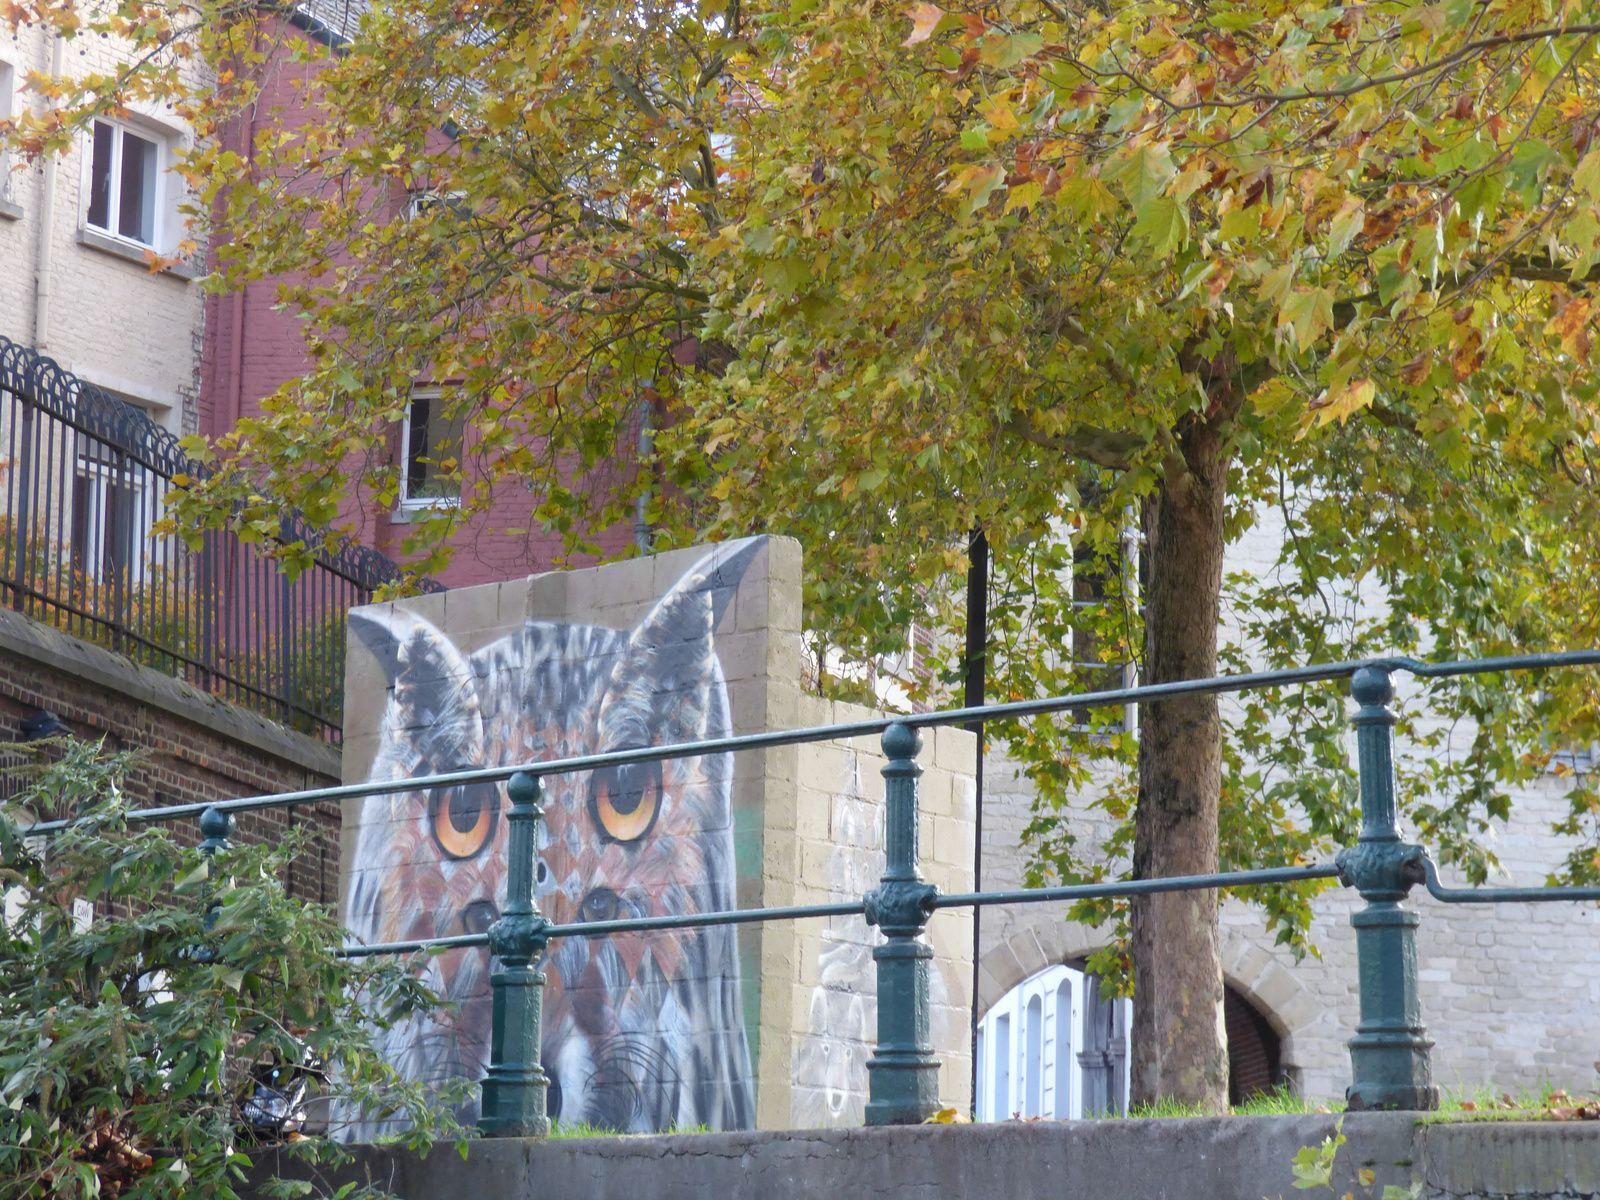 Street art au fil de canaux de Gand